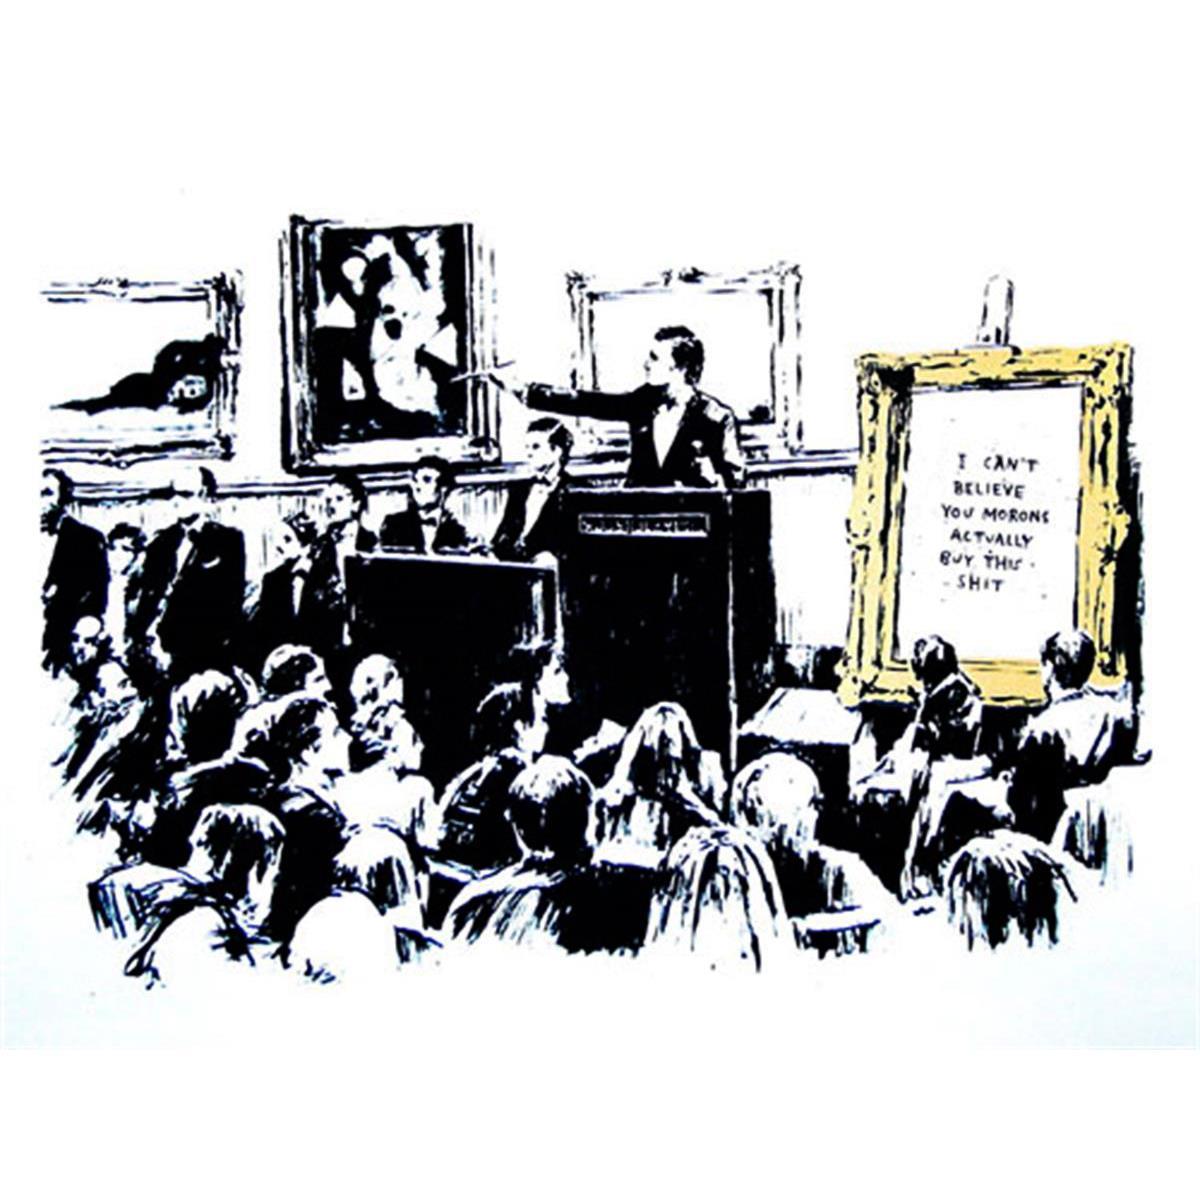 Morons (LA Edition White) by Banksy